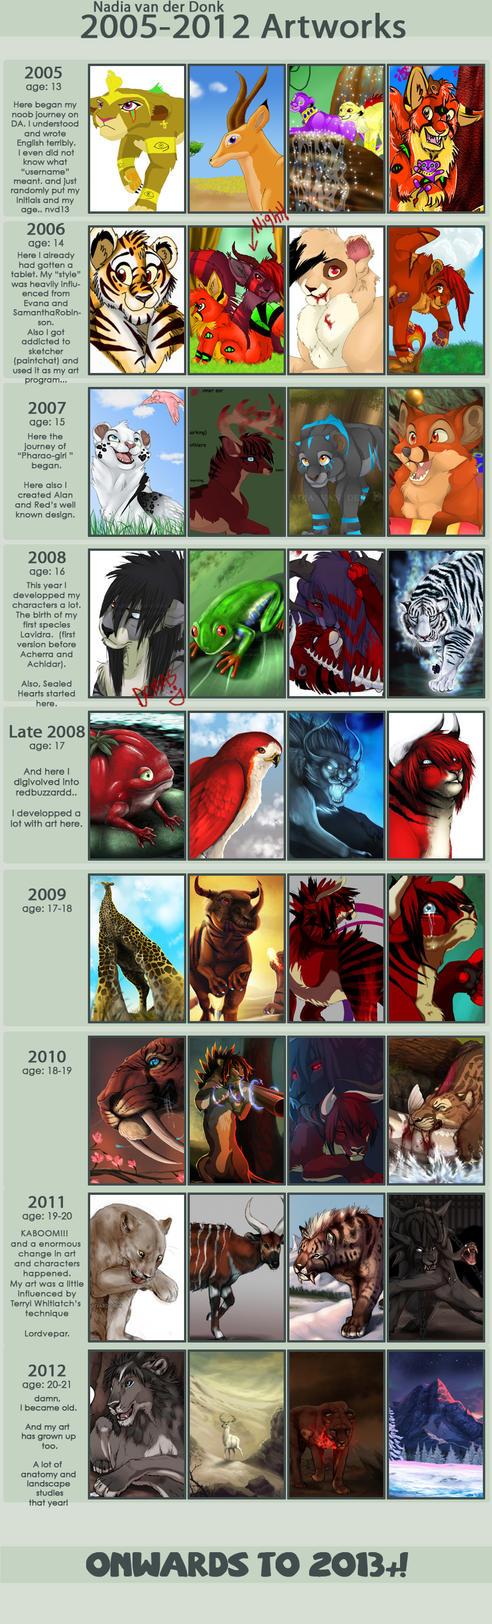 2005-2012 by NadiavanderDonk